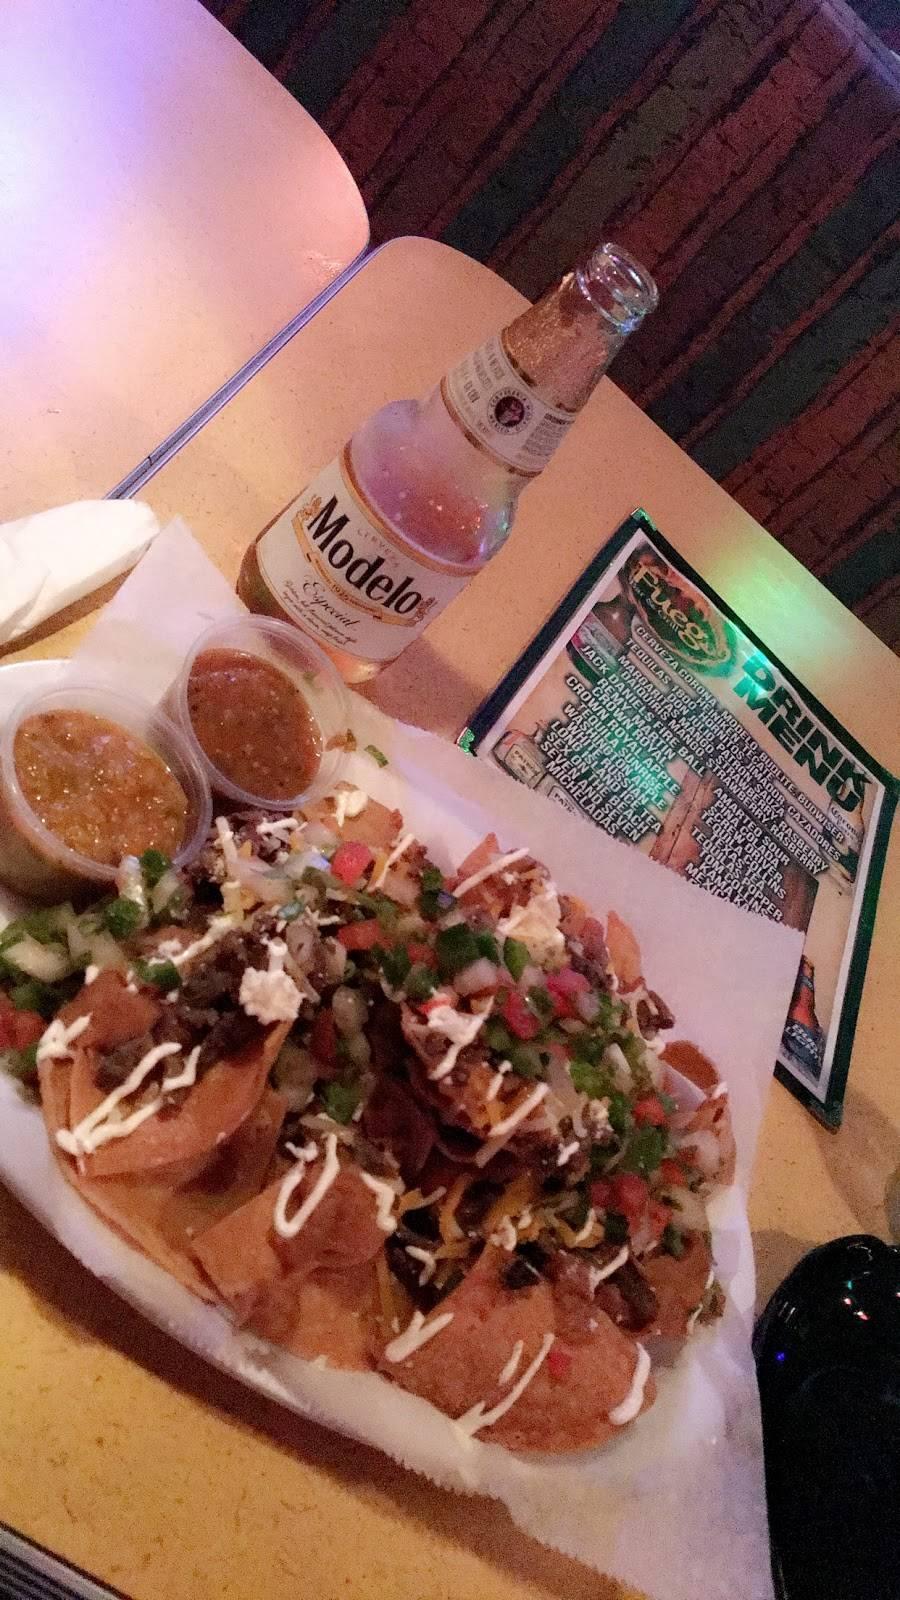 Fuego Bar & Grill | restaurant | 4103 FL-574, Plant City, FL 33563, USA | 8139551559 OR +1 813-955-1559